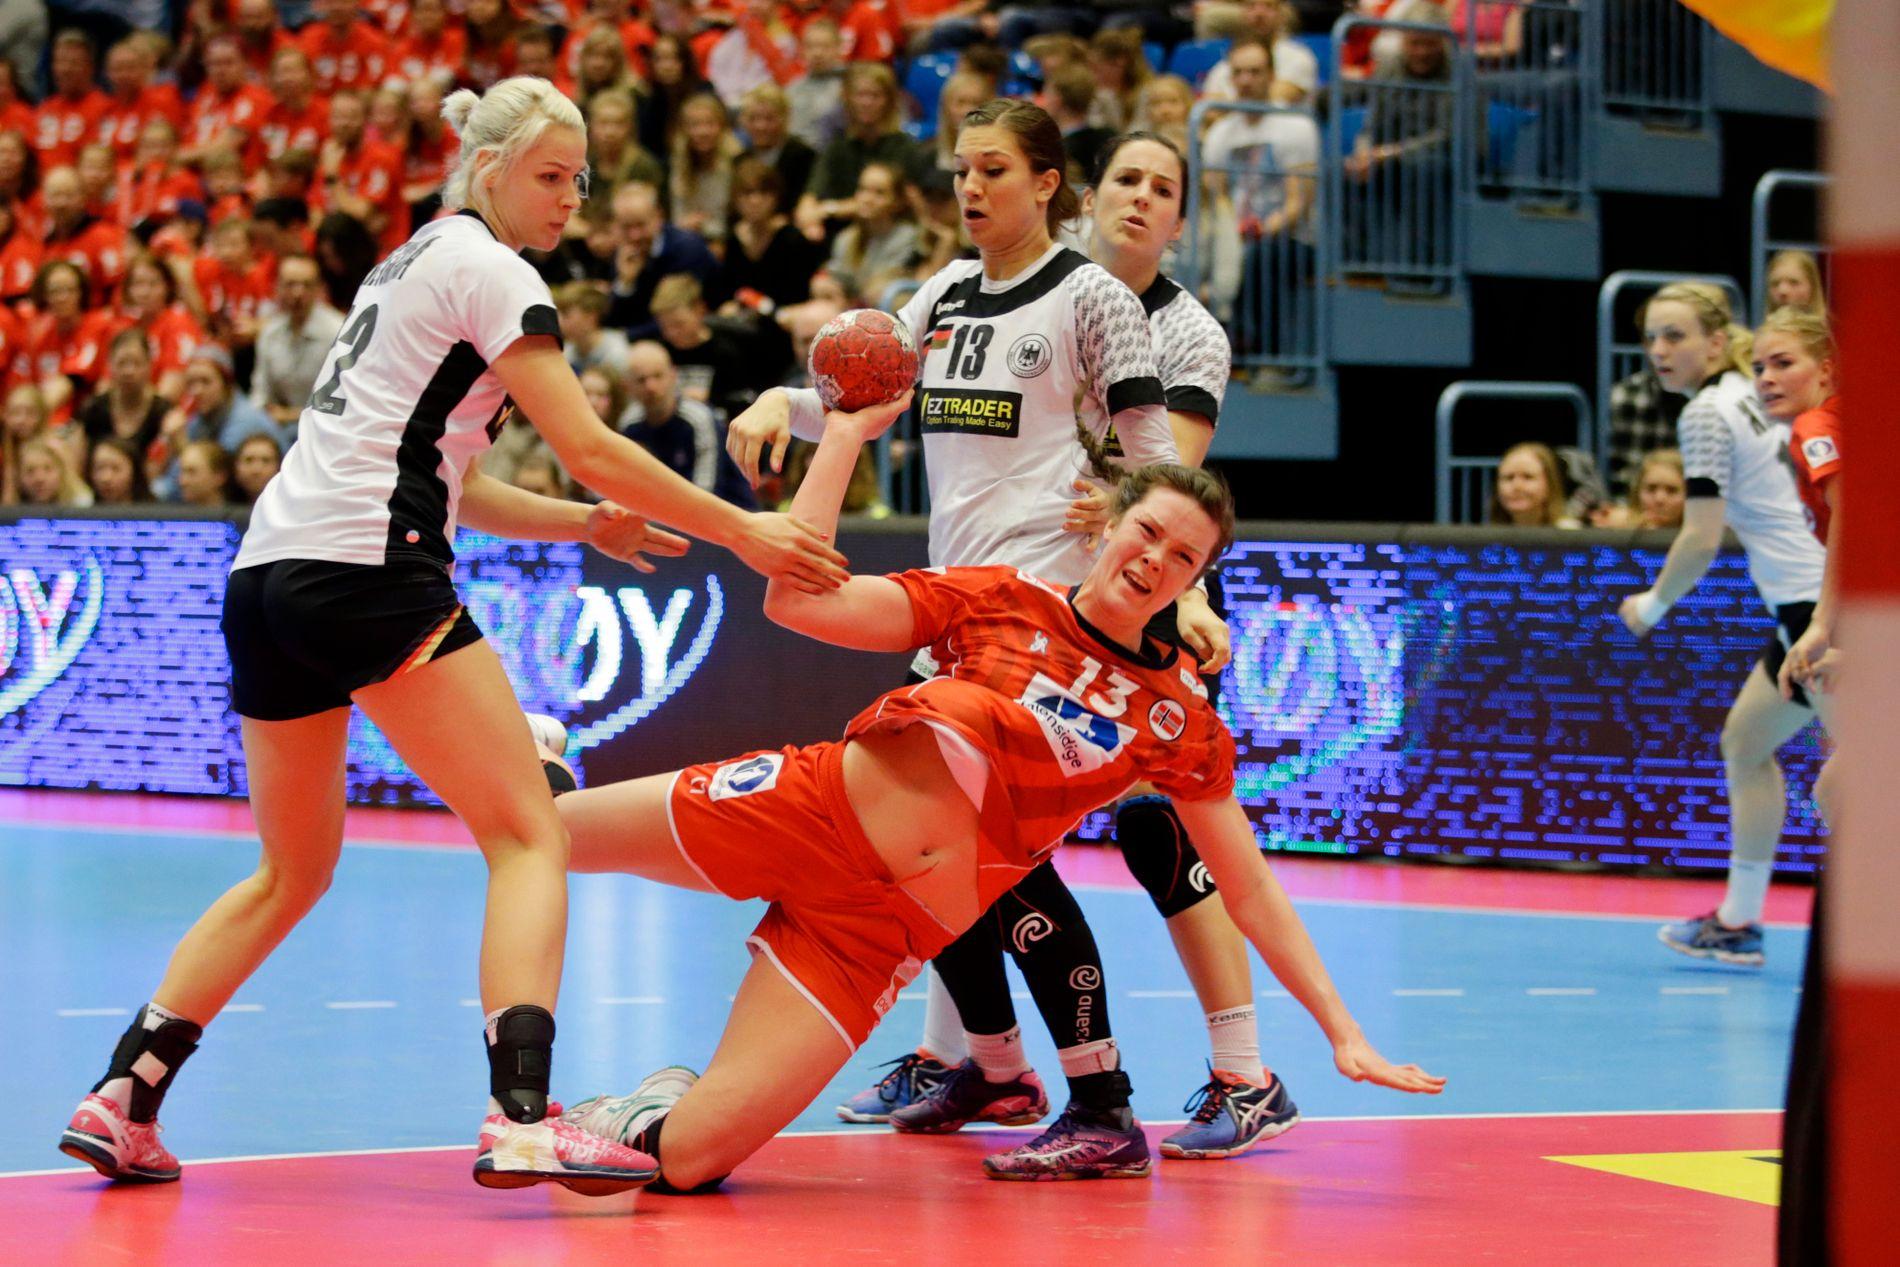 NÆR OL-PLASS: Kari Brattset var med for Norge i firenasjonersturnering i mars. Her kjemper hun seg gjennom de tyske forsvarsspillerne Susann Muller og Julia Behnke.